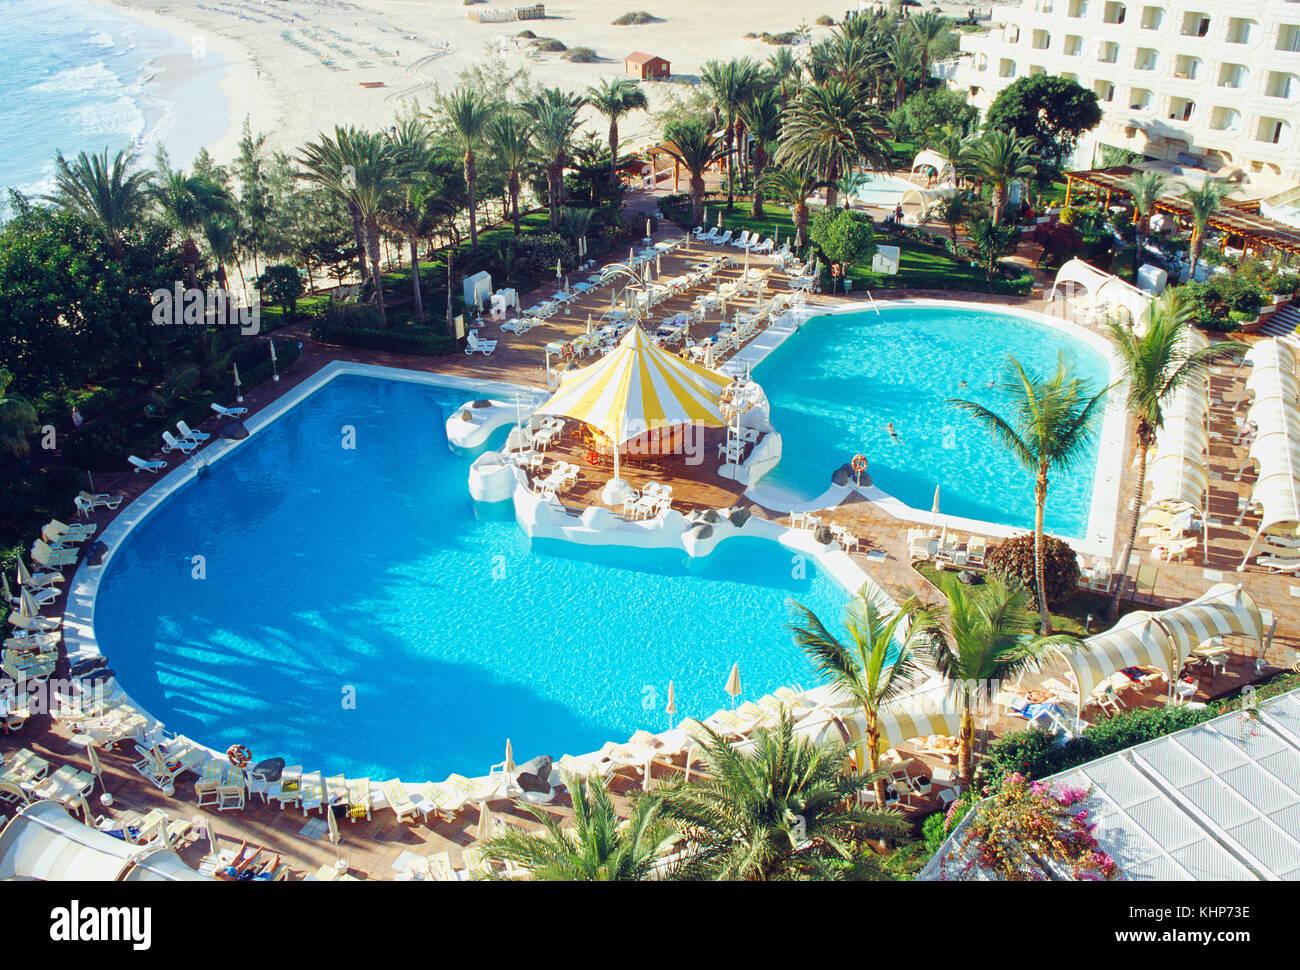 Pool im Resort, Blick von oben. Strand von Corralejo auf Fuerteventura, Kanarische Inseln, Spanien. Stockbild